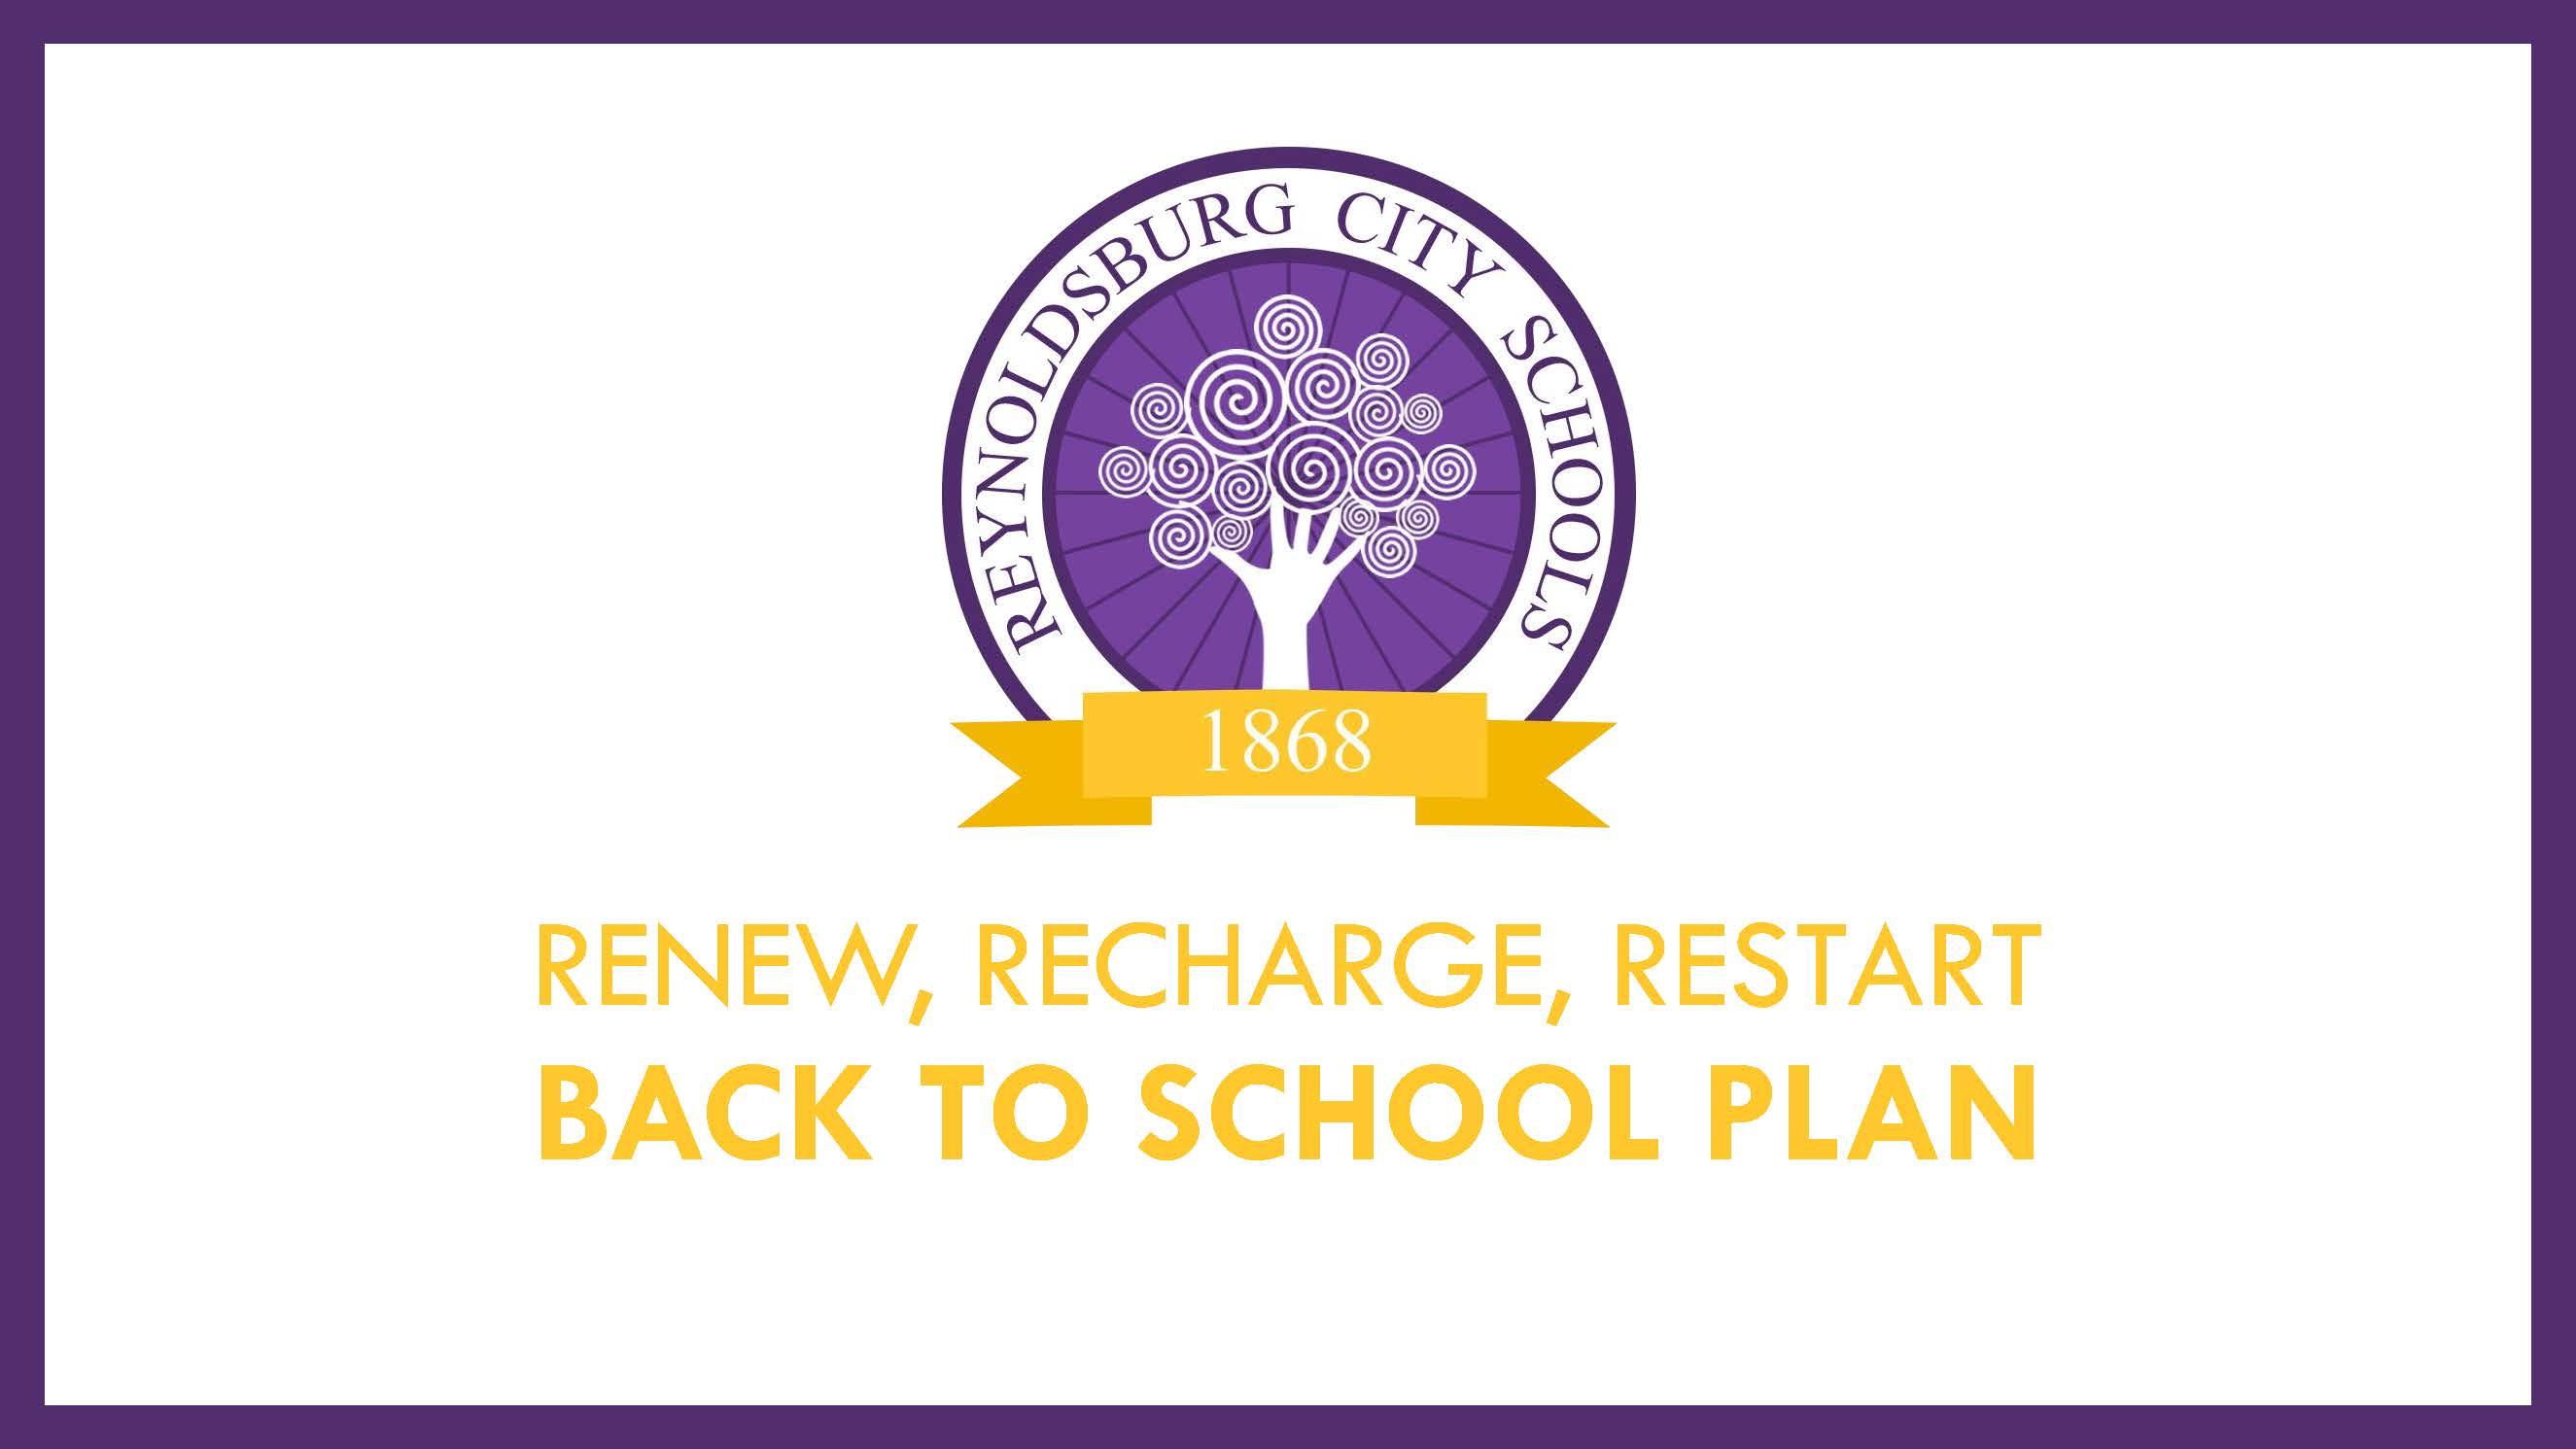 Renew, Recharge, Restart